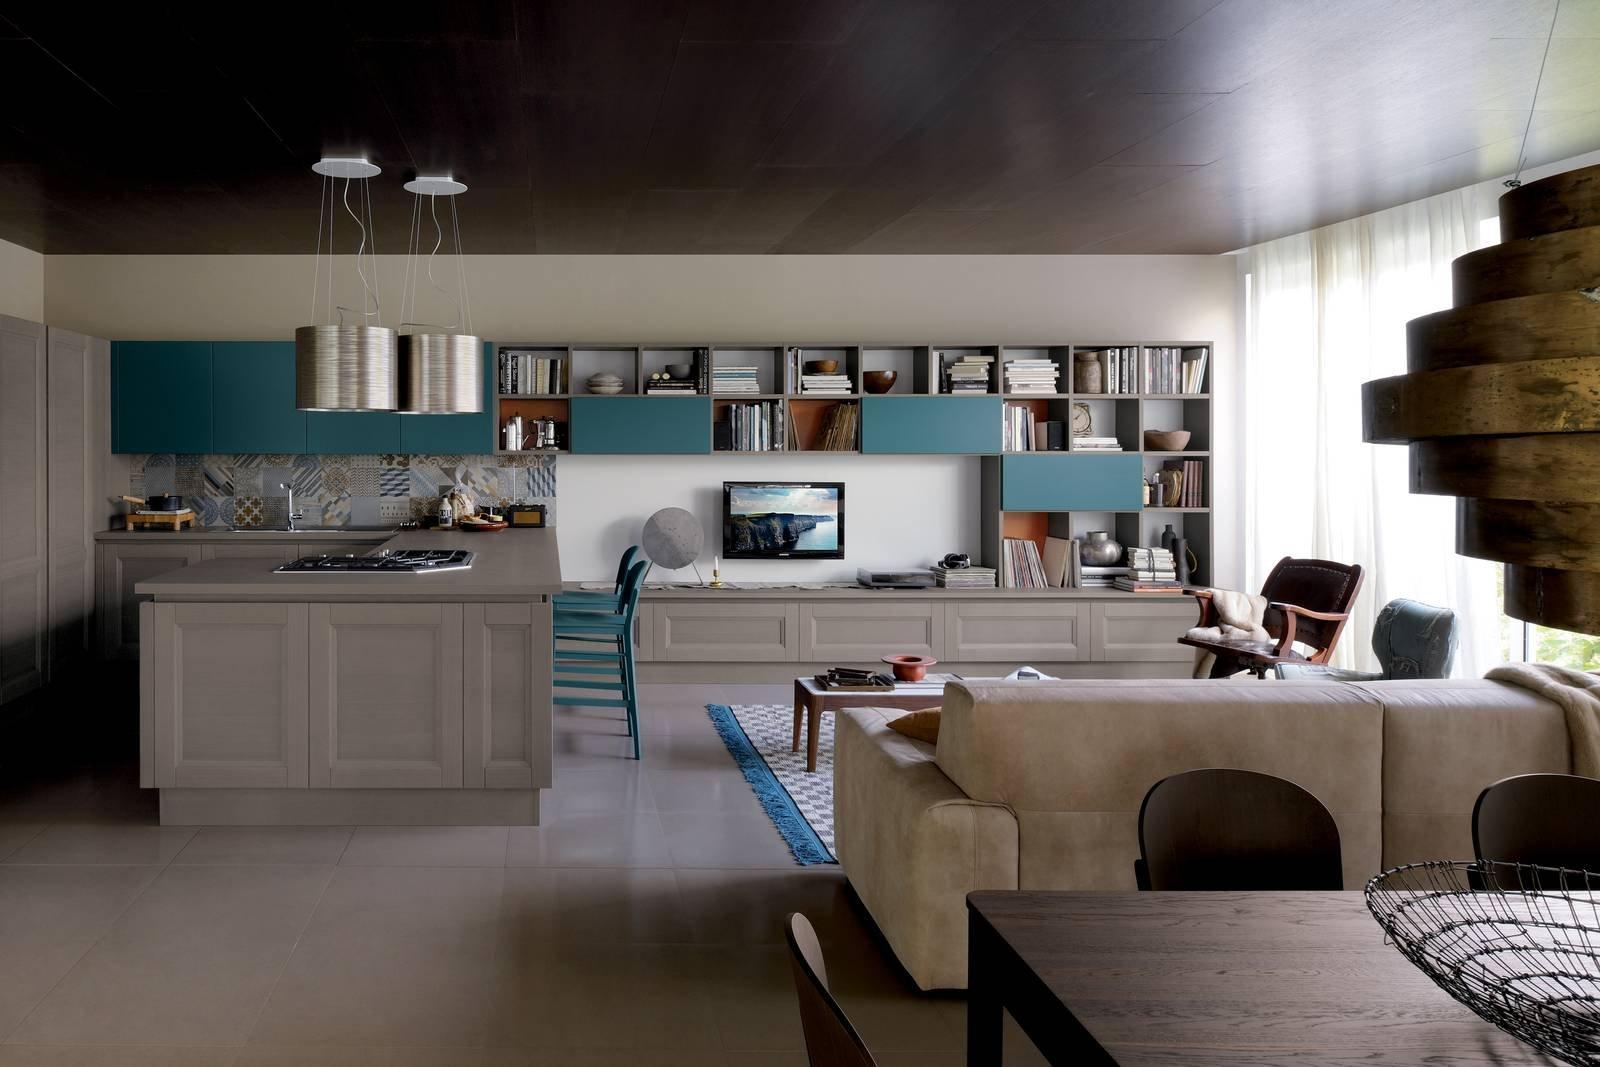 Soggiorno Con Cucina | Cucina Con Finestra Su Soggiorno Con Okap ...